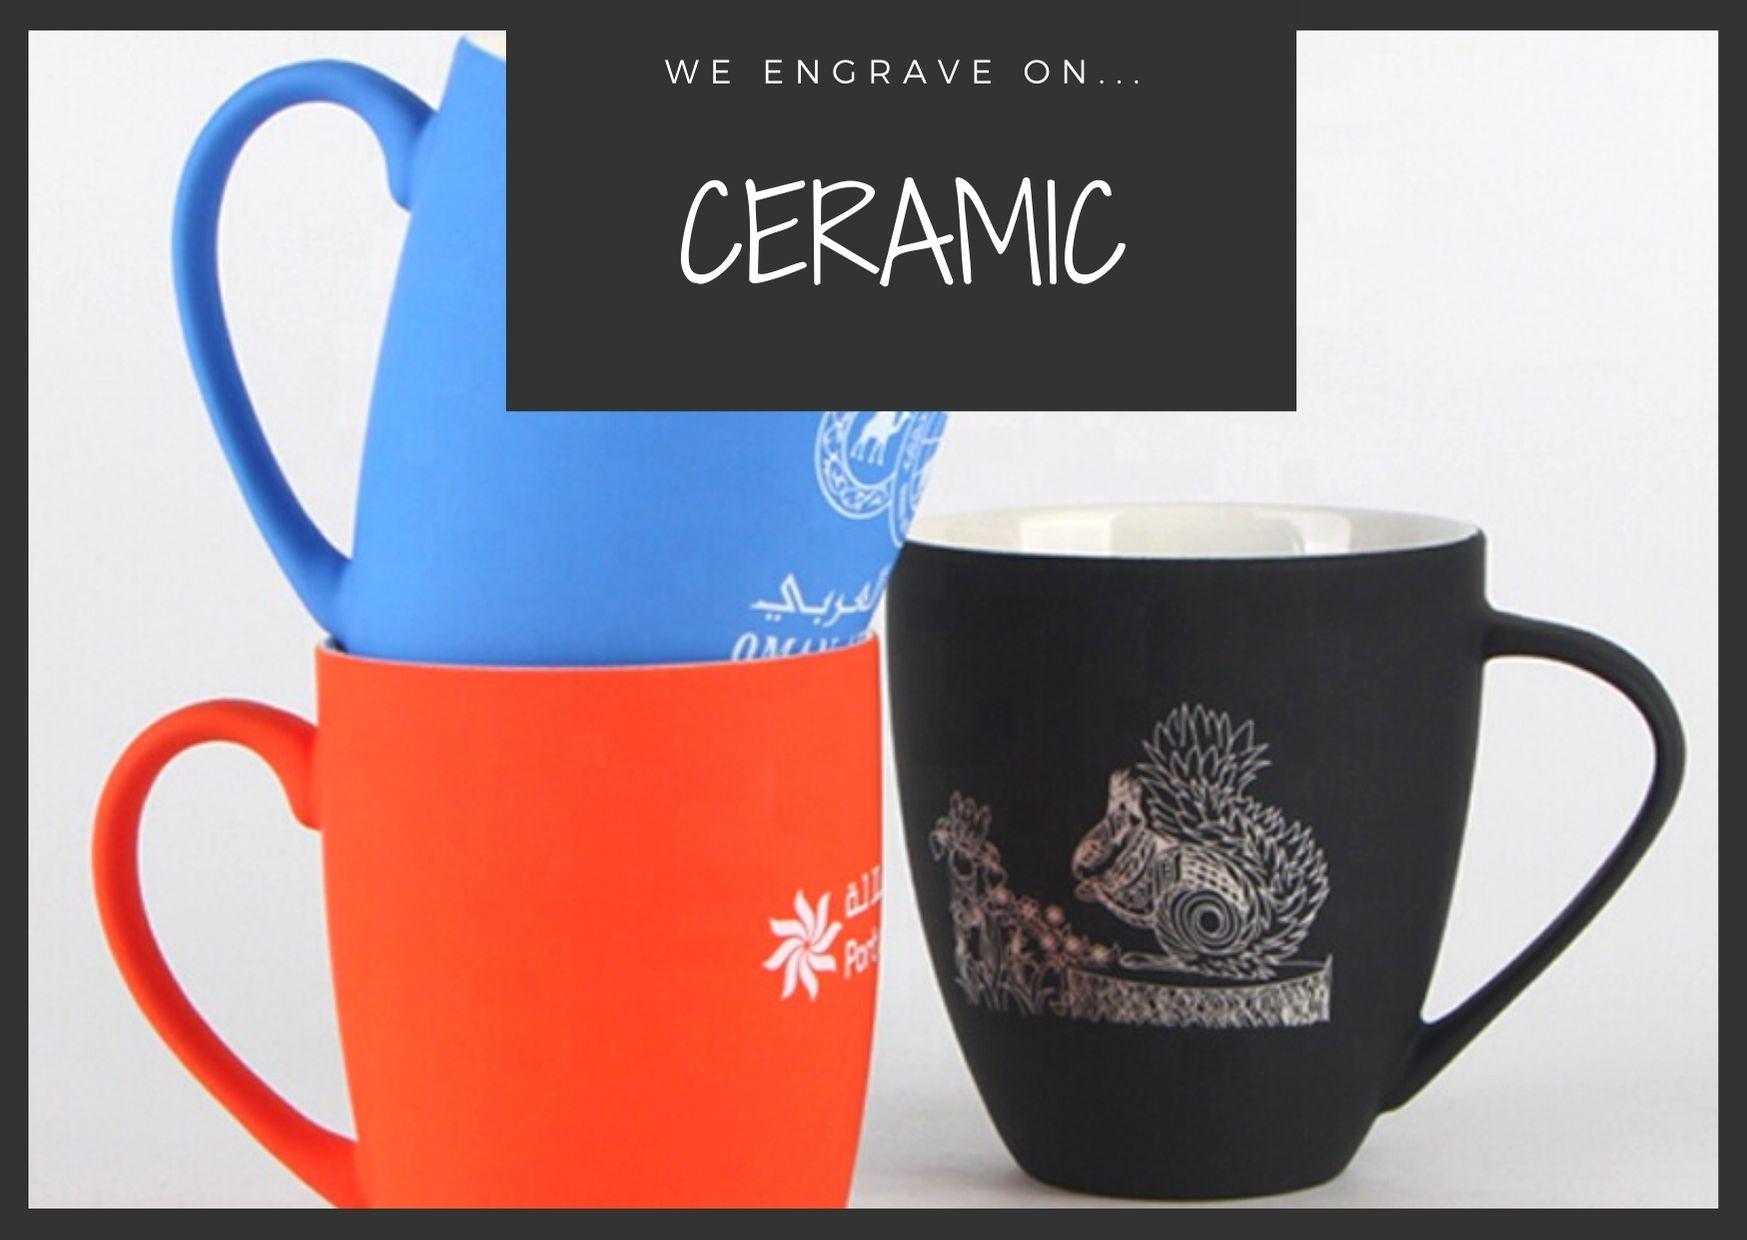 Ceramic mugs engraved